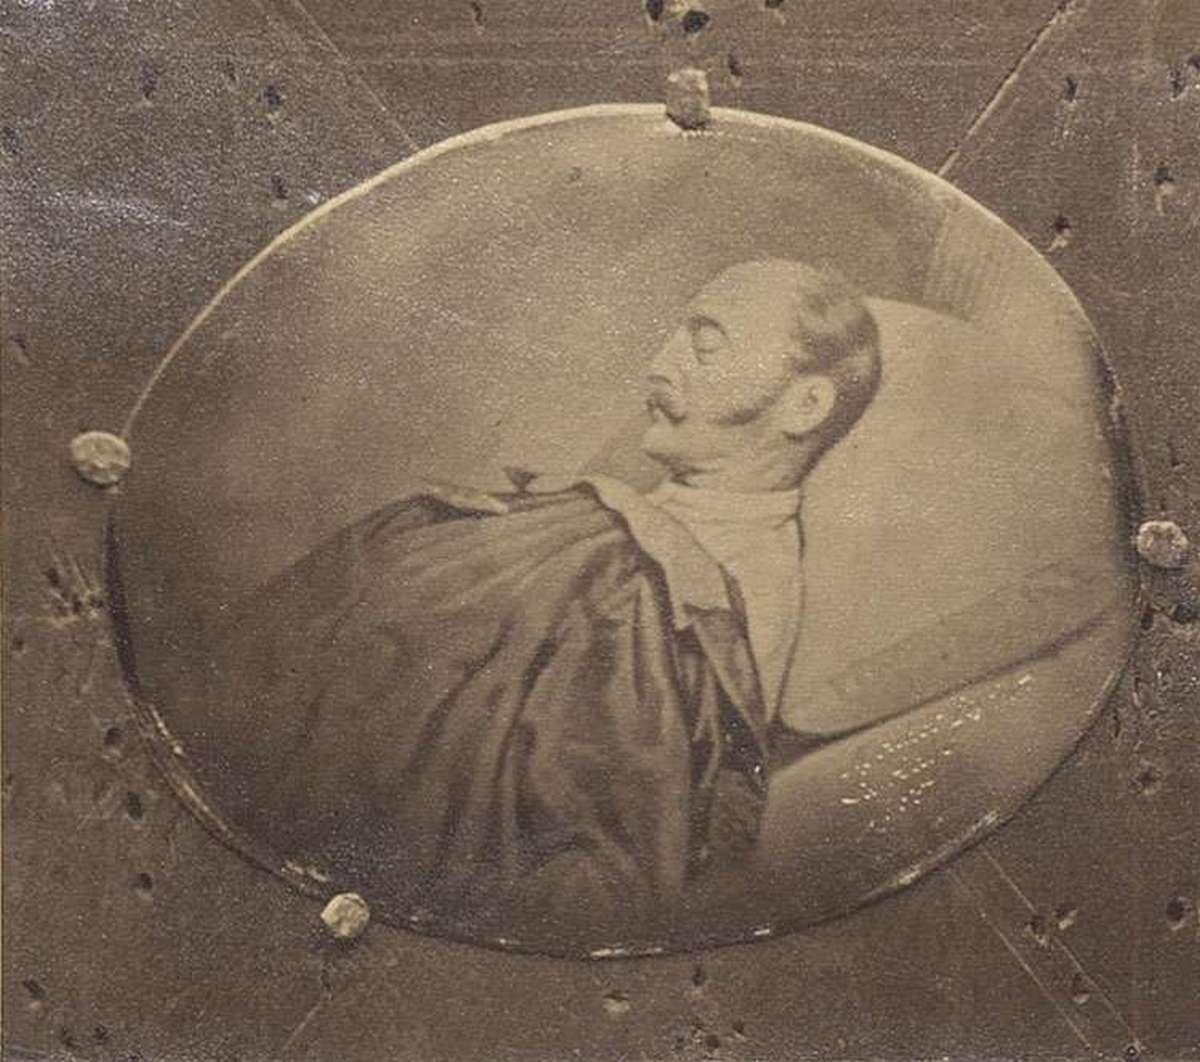 1855_i_miklos_car_a_halalos_agyan_nevehez_fuzodik_a_magyar_szabadsagtharc_leverese_cr.jpg